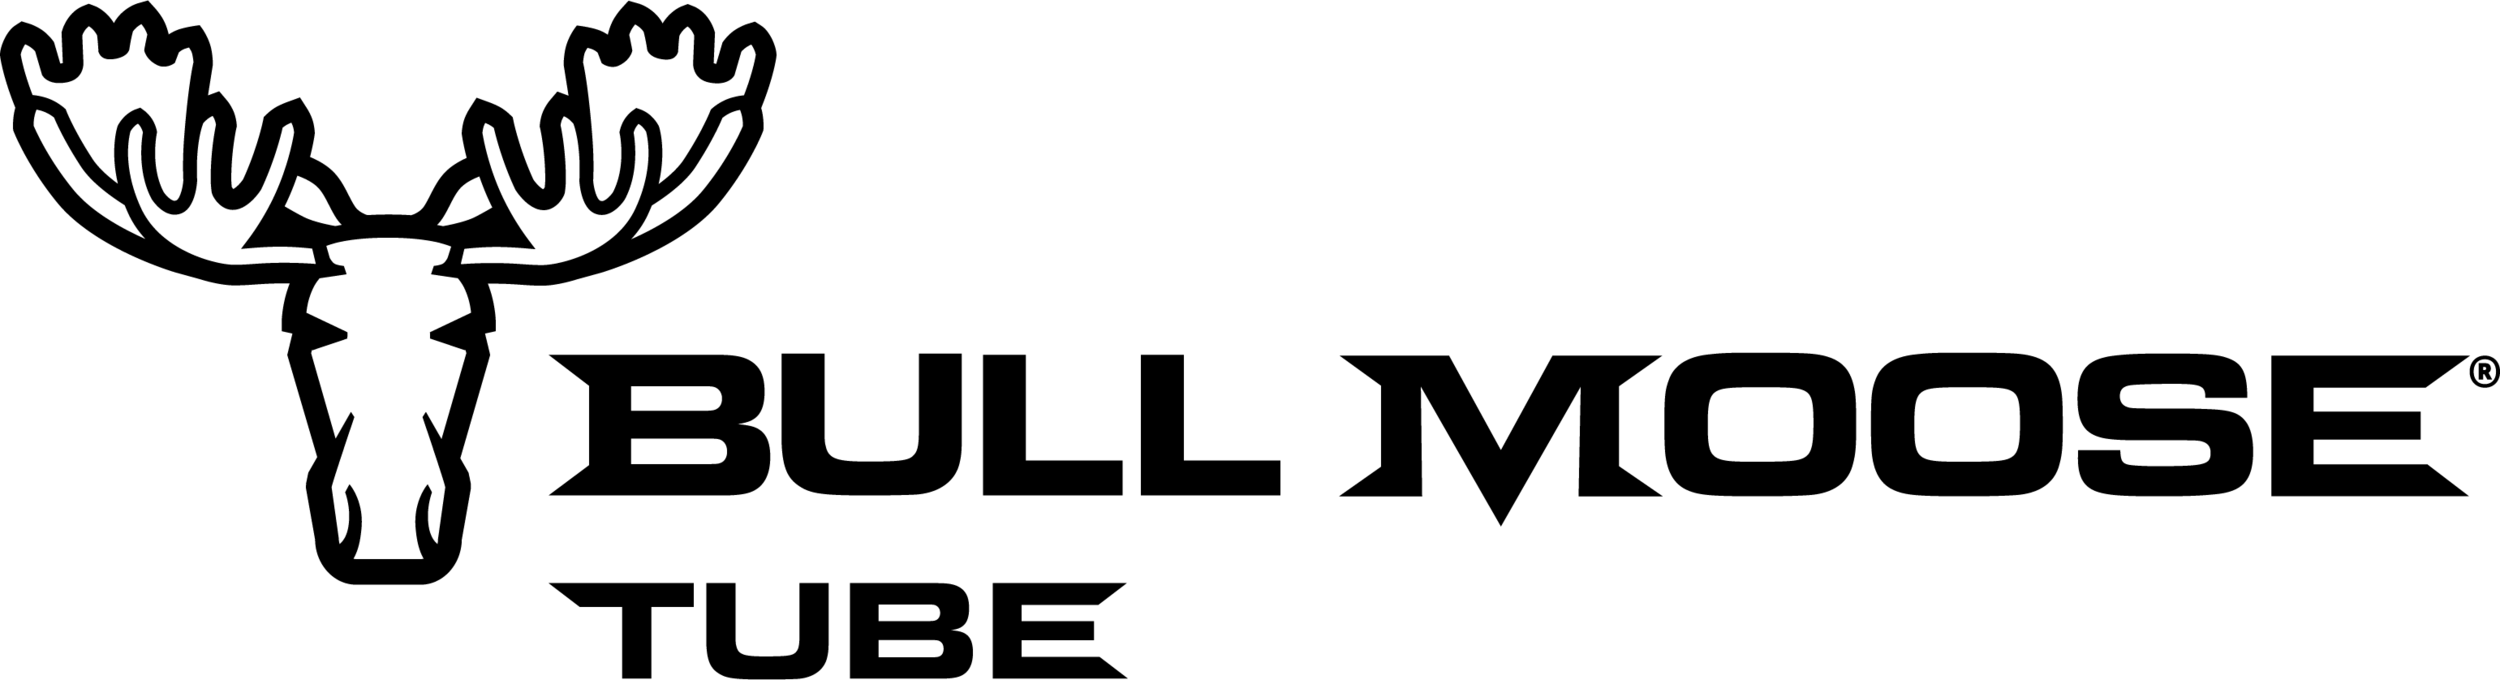 BullMooseTube-black.png